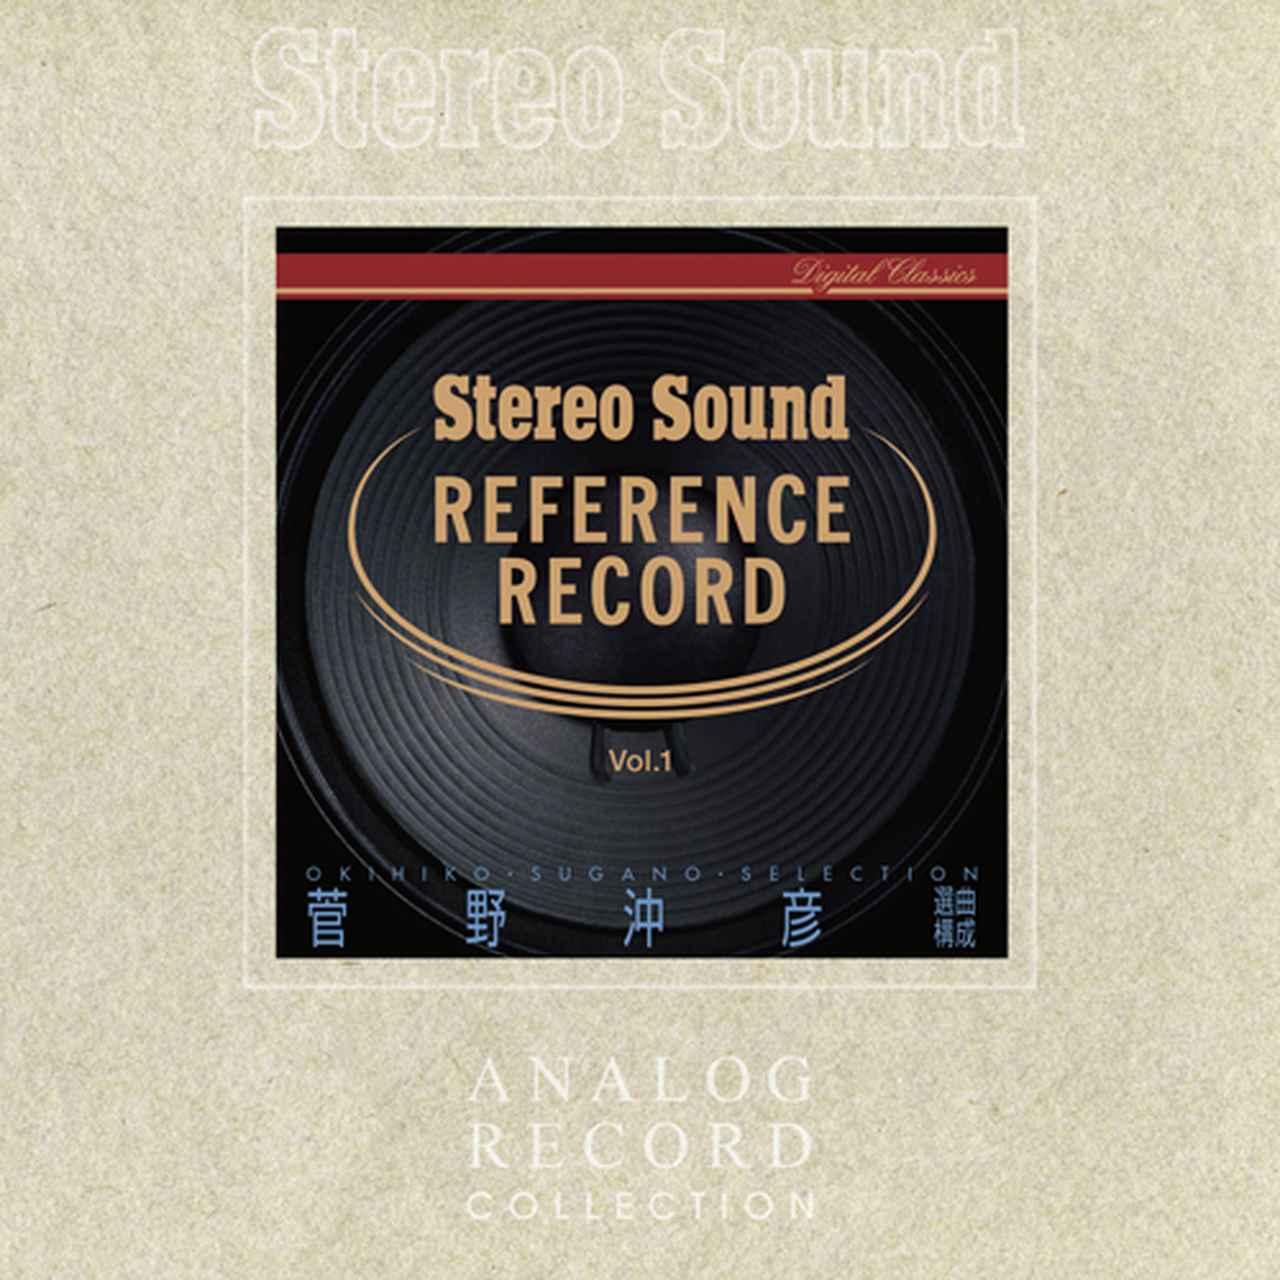 Images : 5番目の画像 - 季刊ステレオサウンド チームも参加いたします! 会場では自慢の高音質ソフト即売会も開催。ぜひお立ち寄りくださいね - Stereo Sound ONLINE